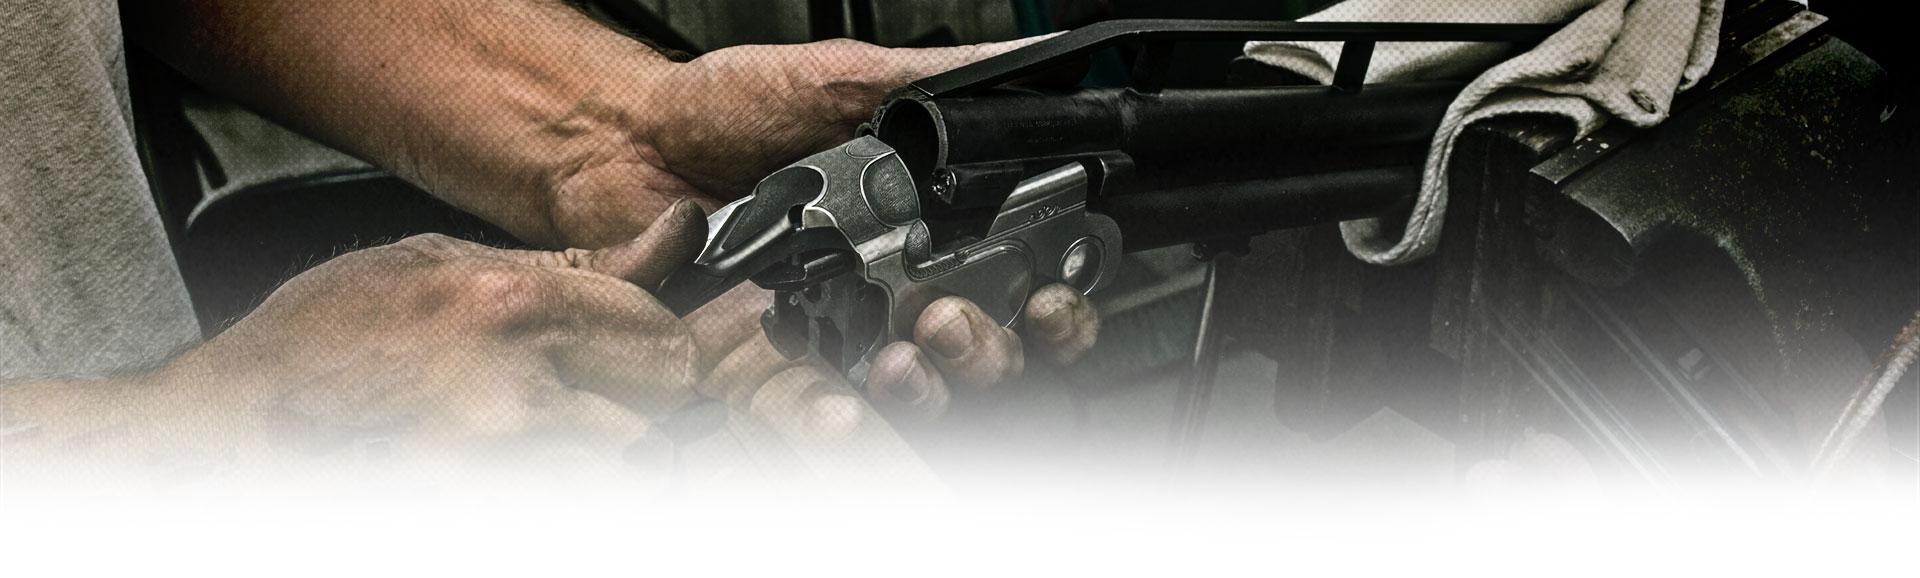 Shotgun Gunsmithing Services